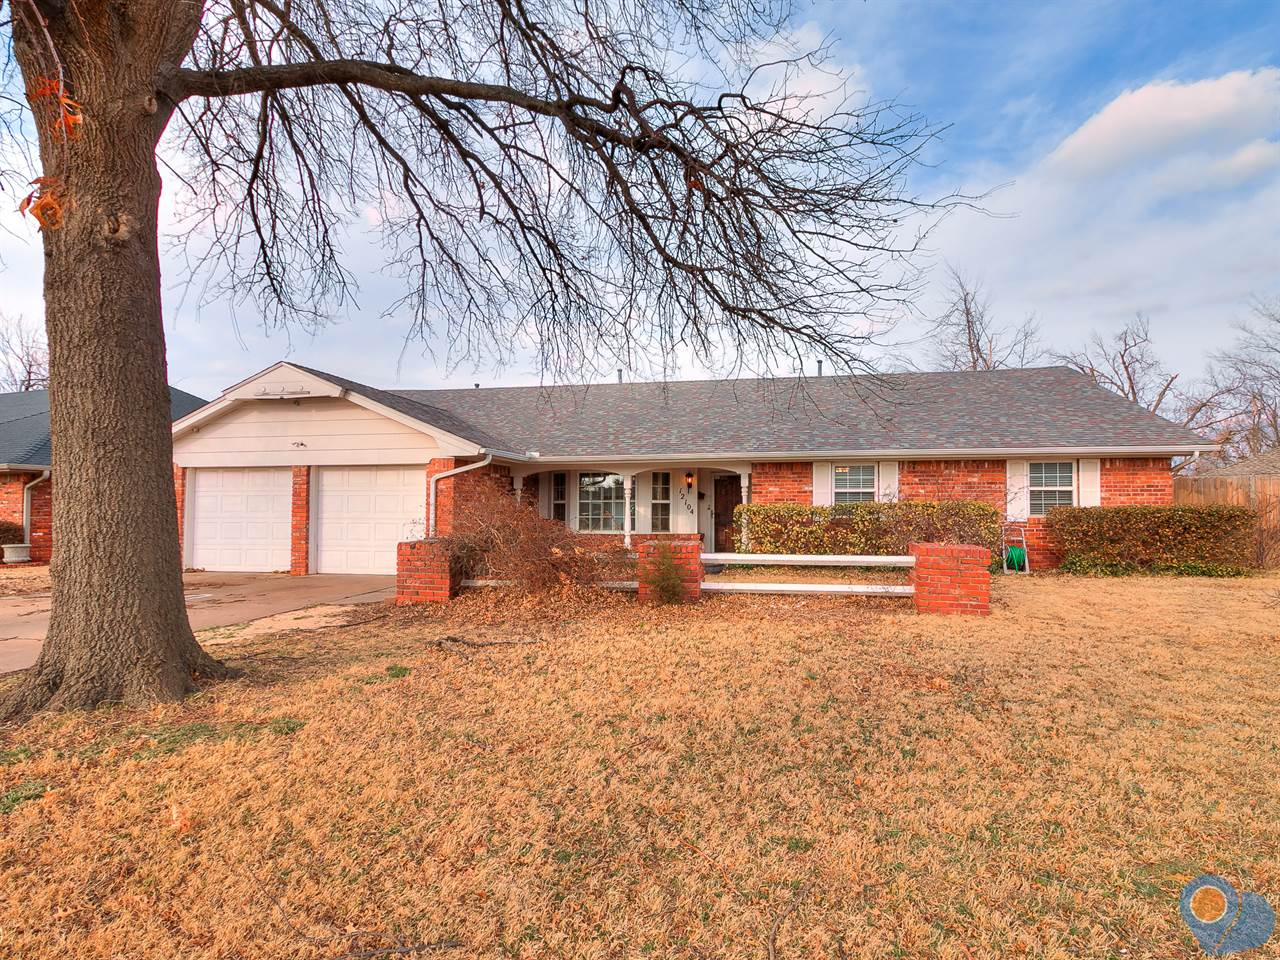 12104 Victoria Pl, Oklahoma City, OK 73120